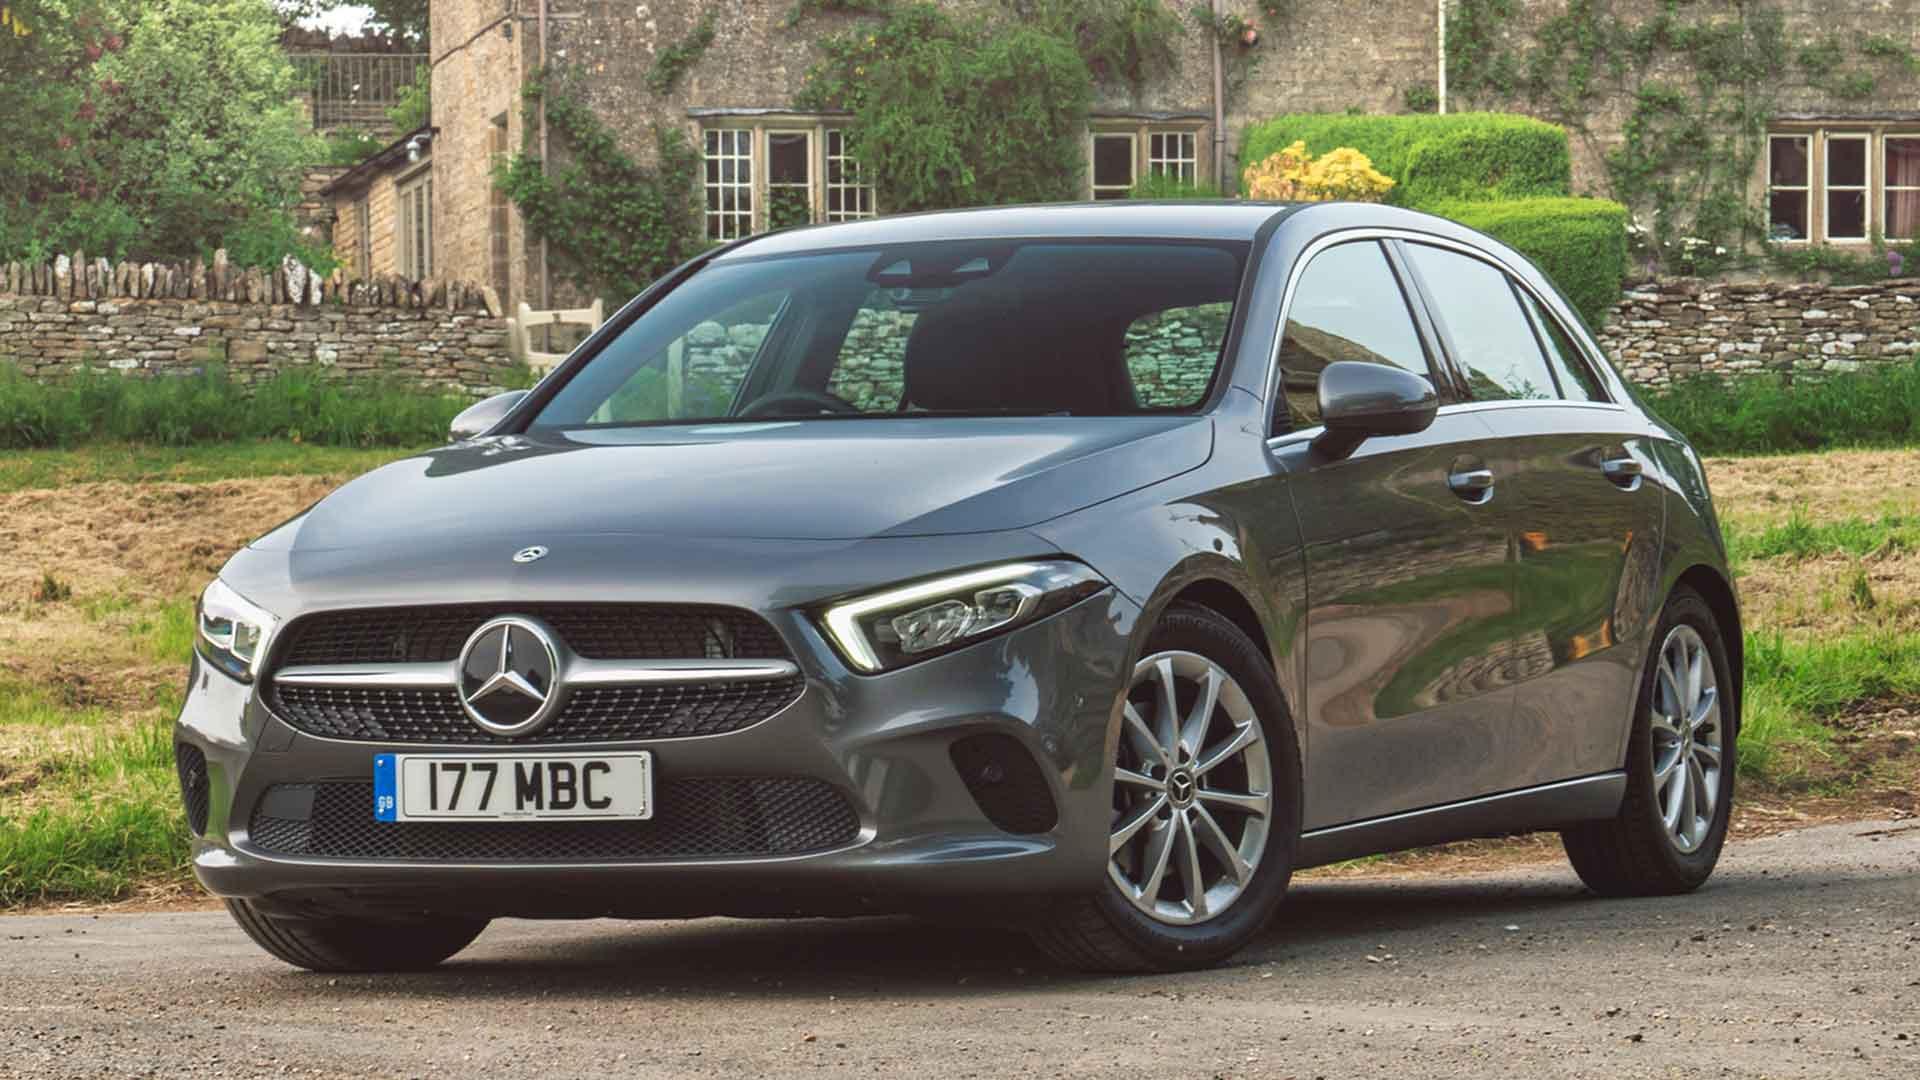 10 safest new cars of 2019